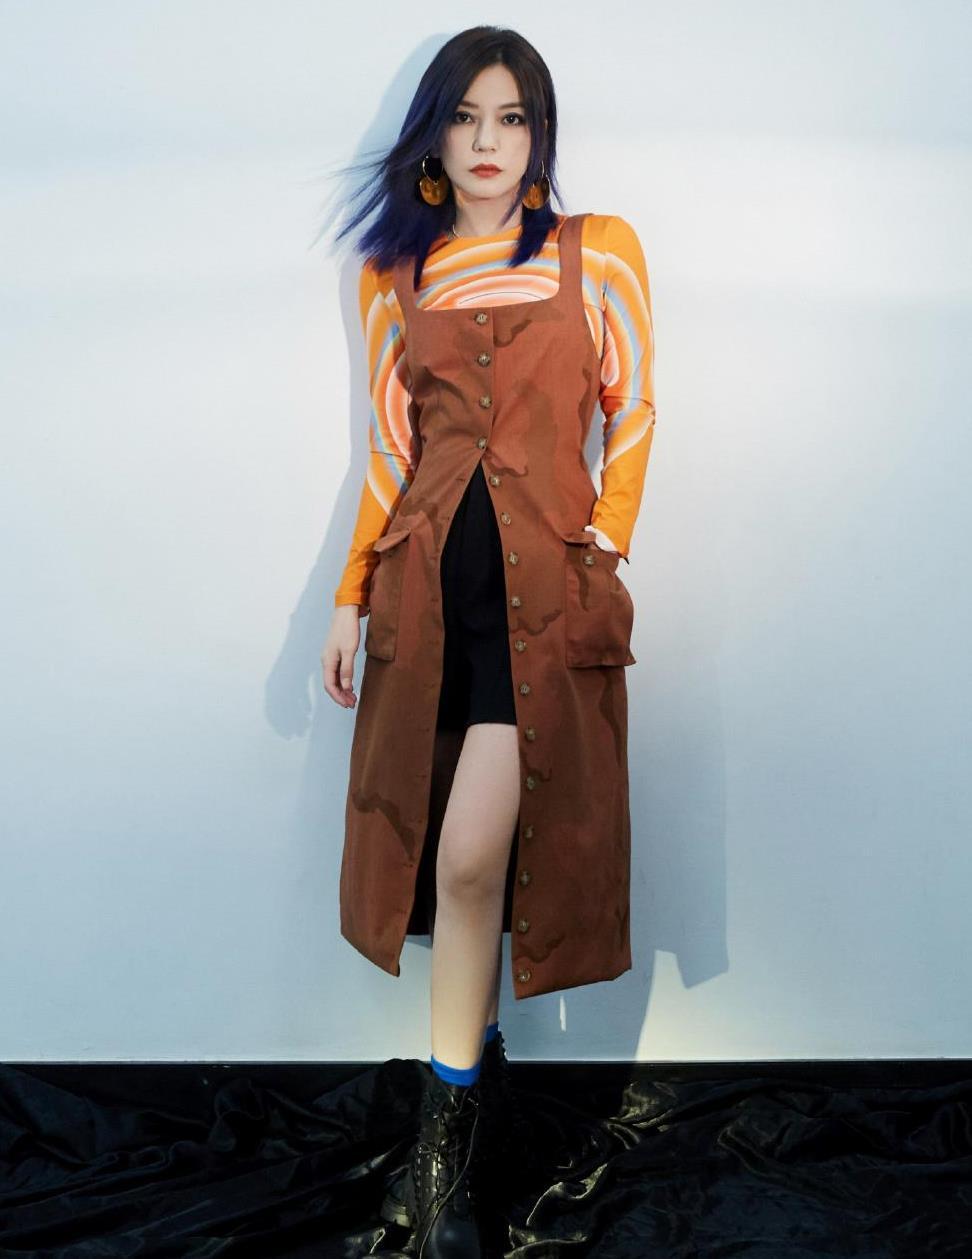 赵薇气质是真的好,穿橘黄色上衣配背带裙俏皮个性,时尚感太强